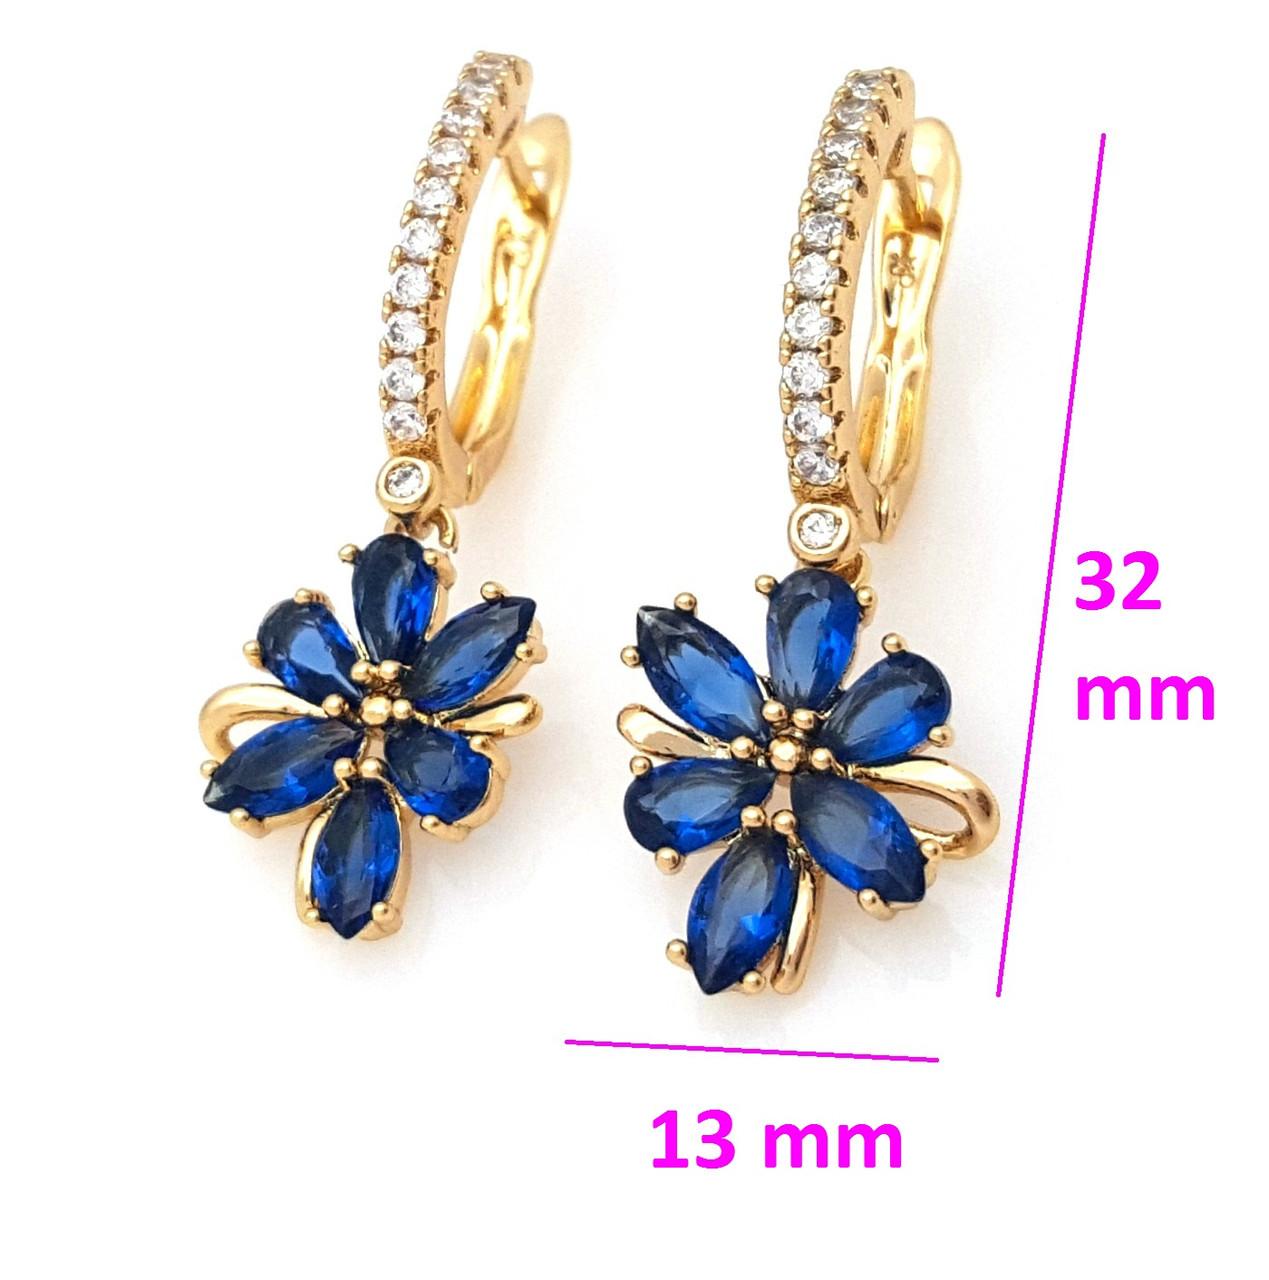 Серьги позолоченные 704746, Висюльки Цветок с синим цирконием, англ.замок, Xuping